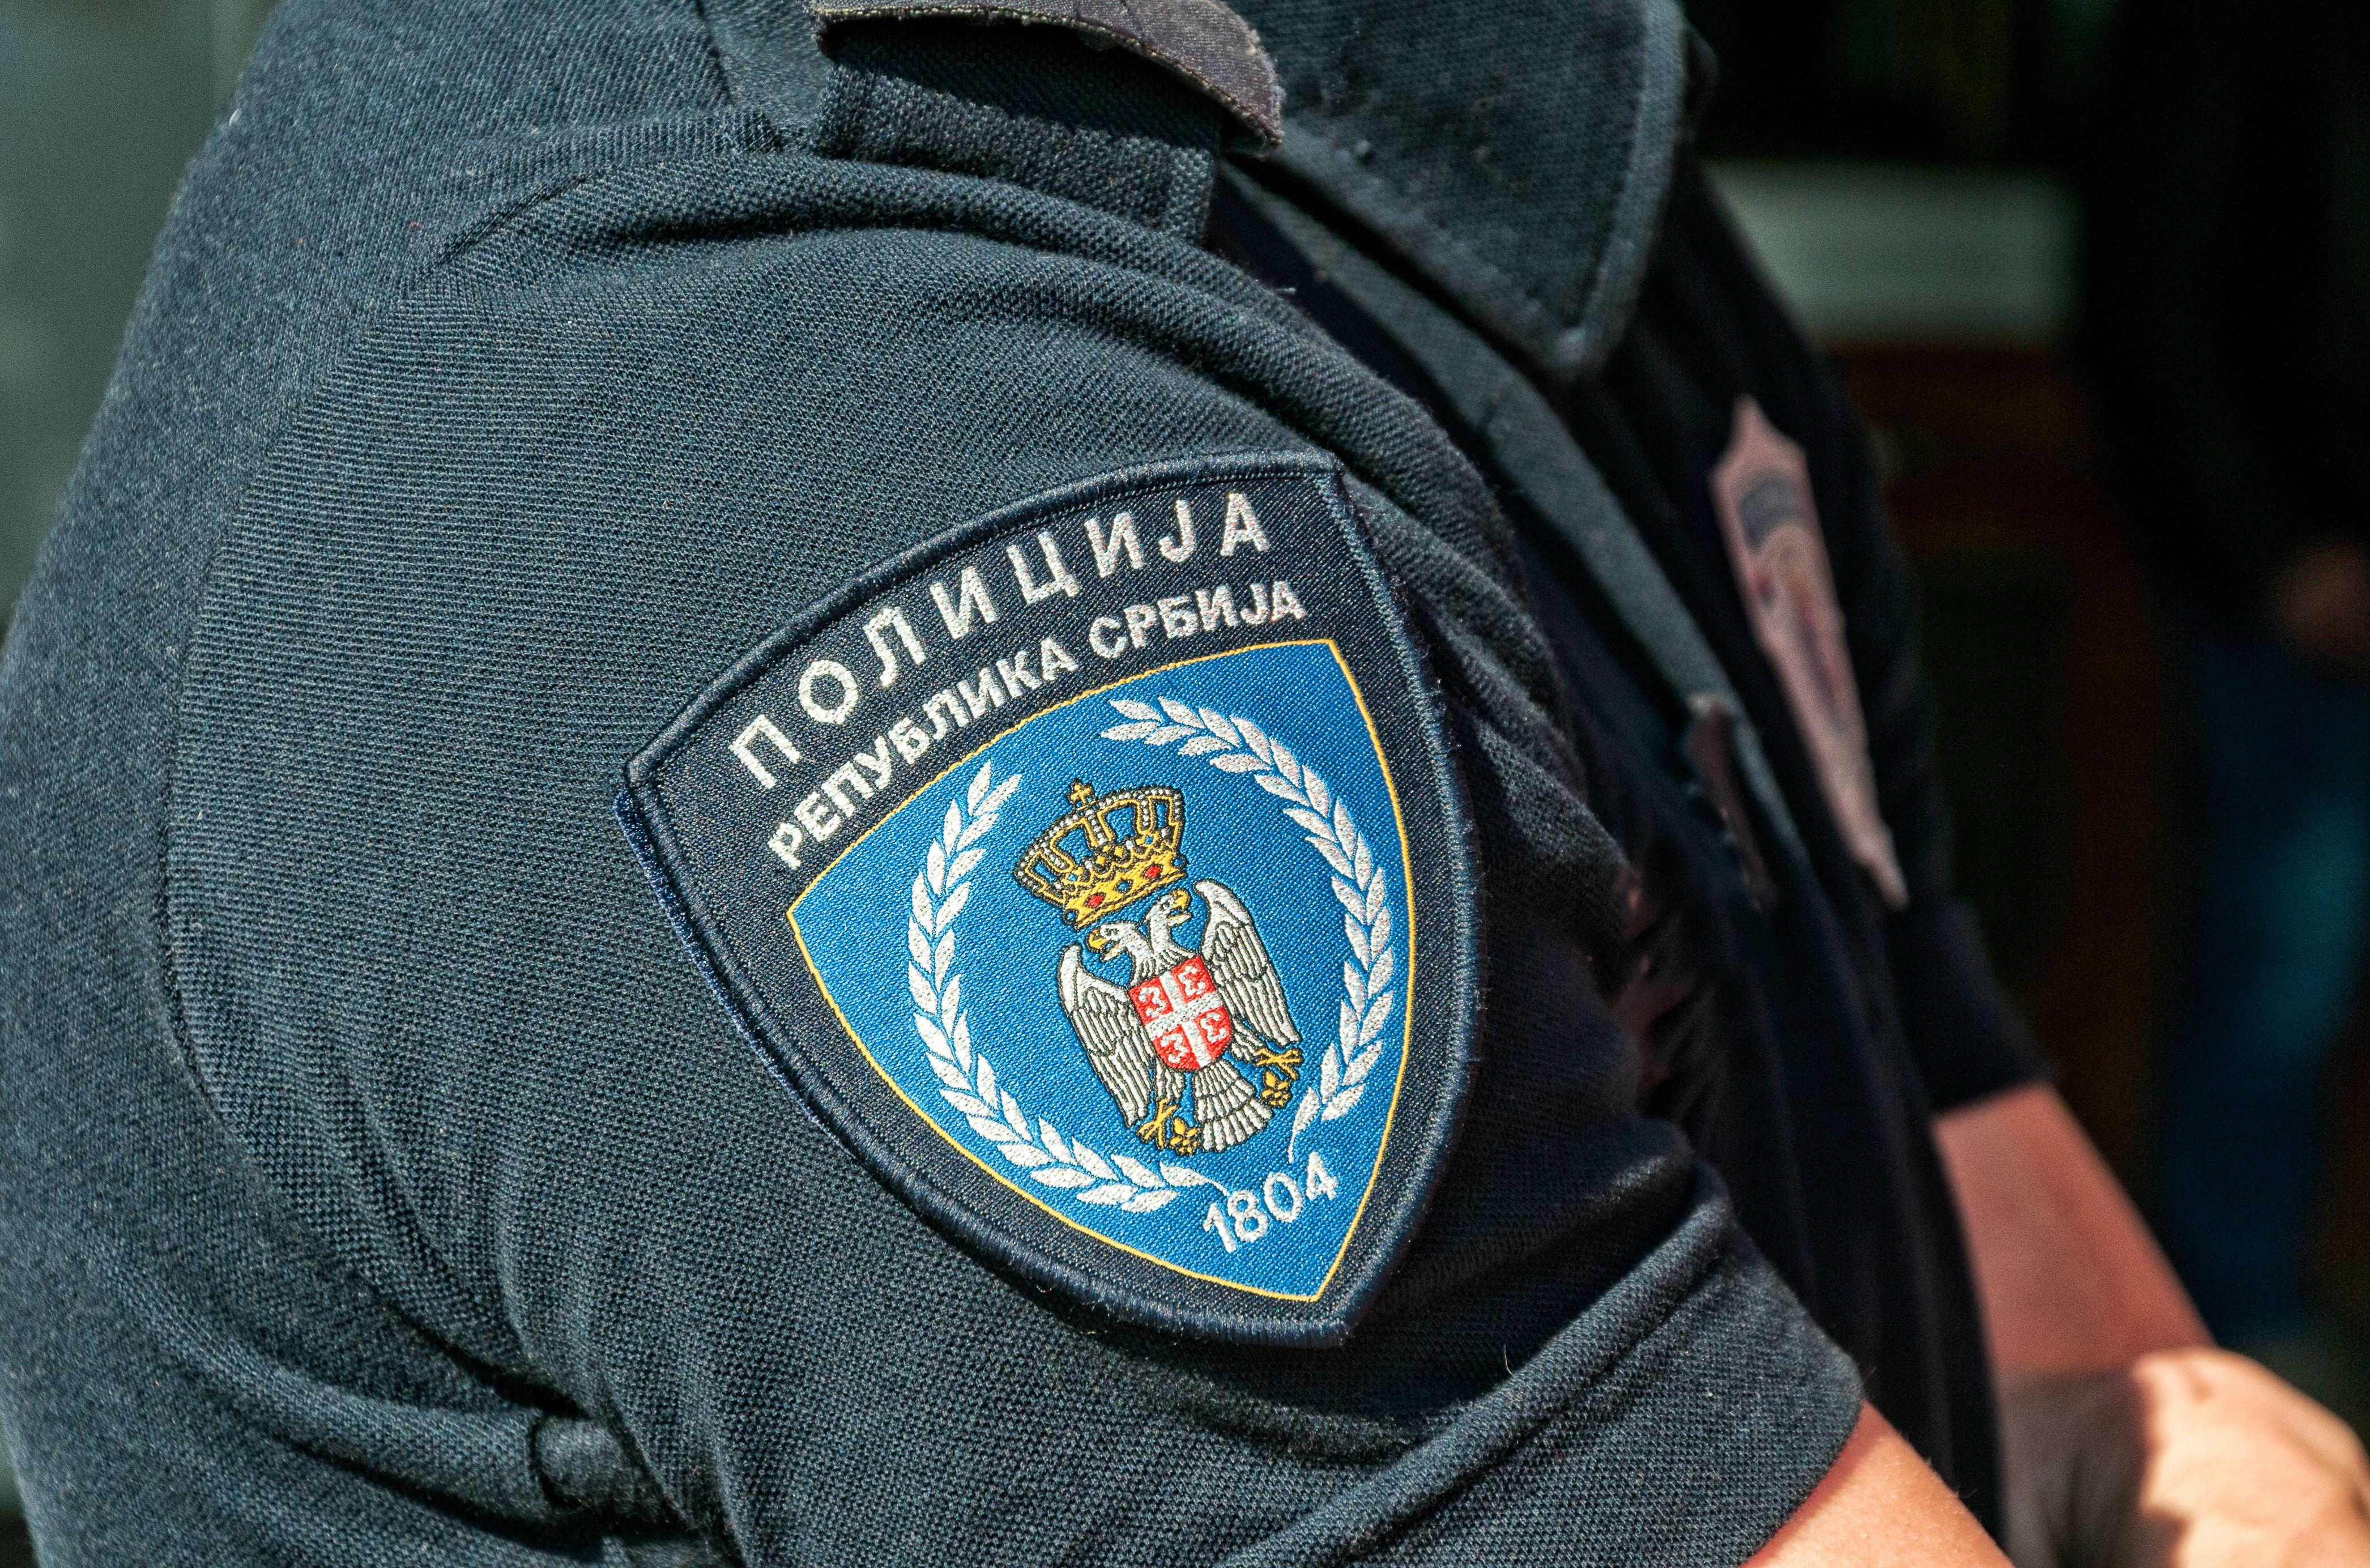 Българи: В Босилеград владее страхът